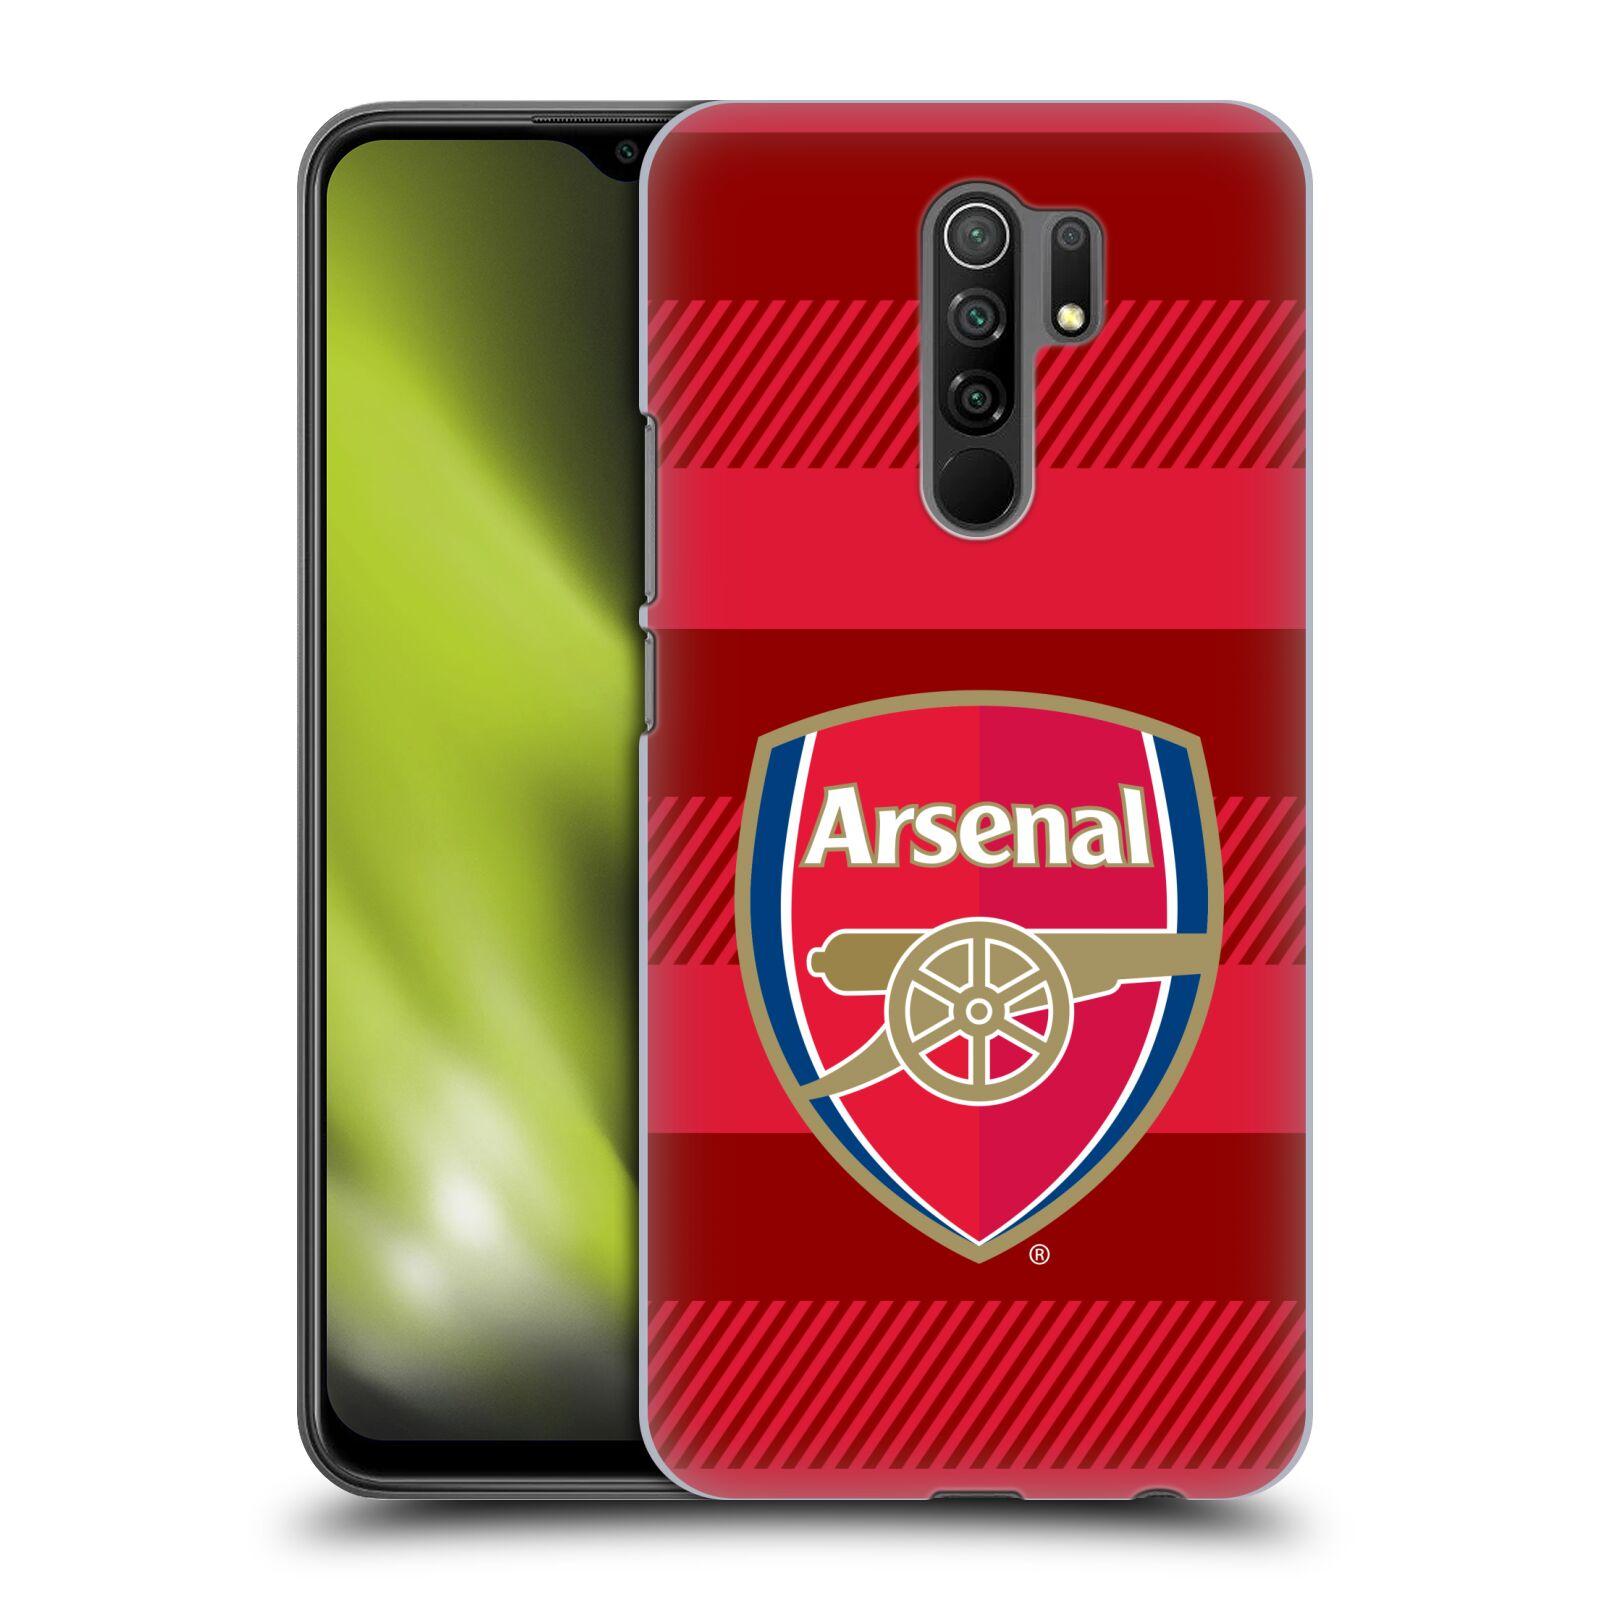 Plastové pouzdro na mobil Xiaomi Redmi 9 - Head Case - Arsenal FC - Logo s pruhy